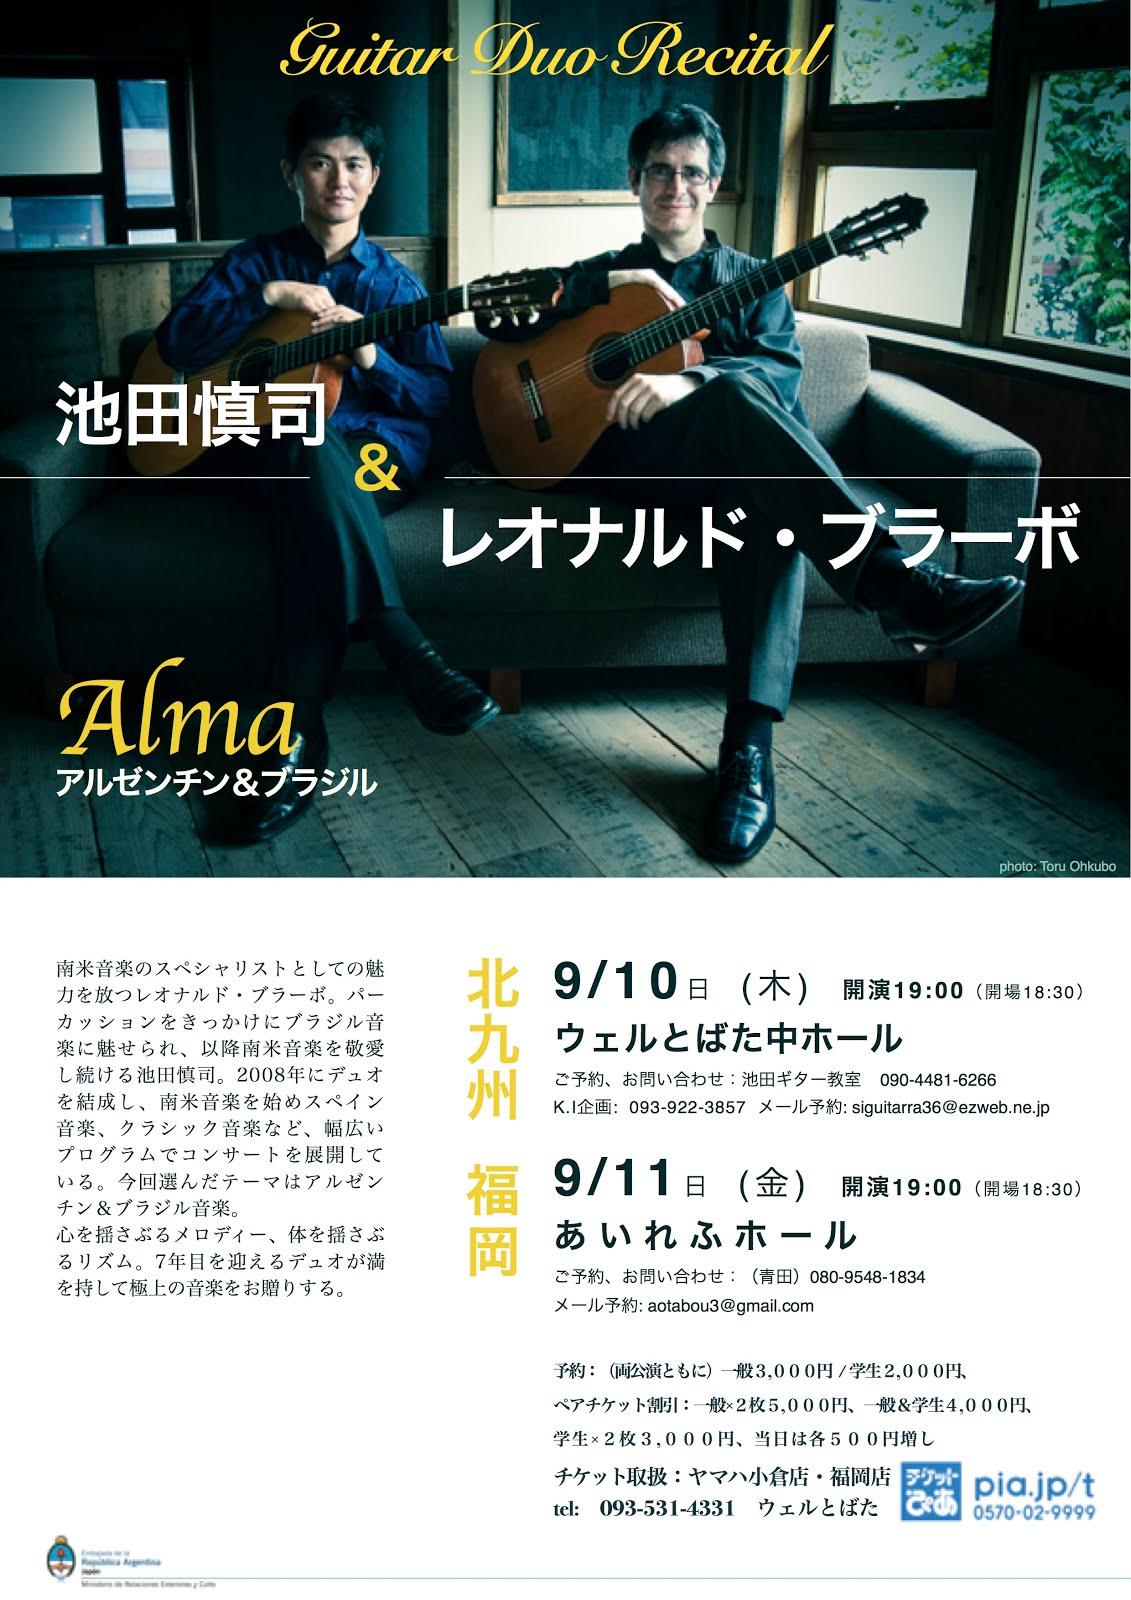 Alma 福岡ギターデュオリサイタル